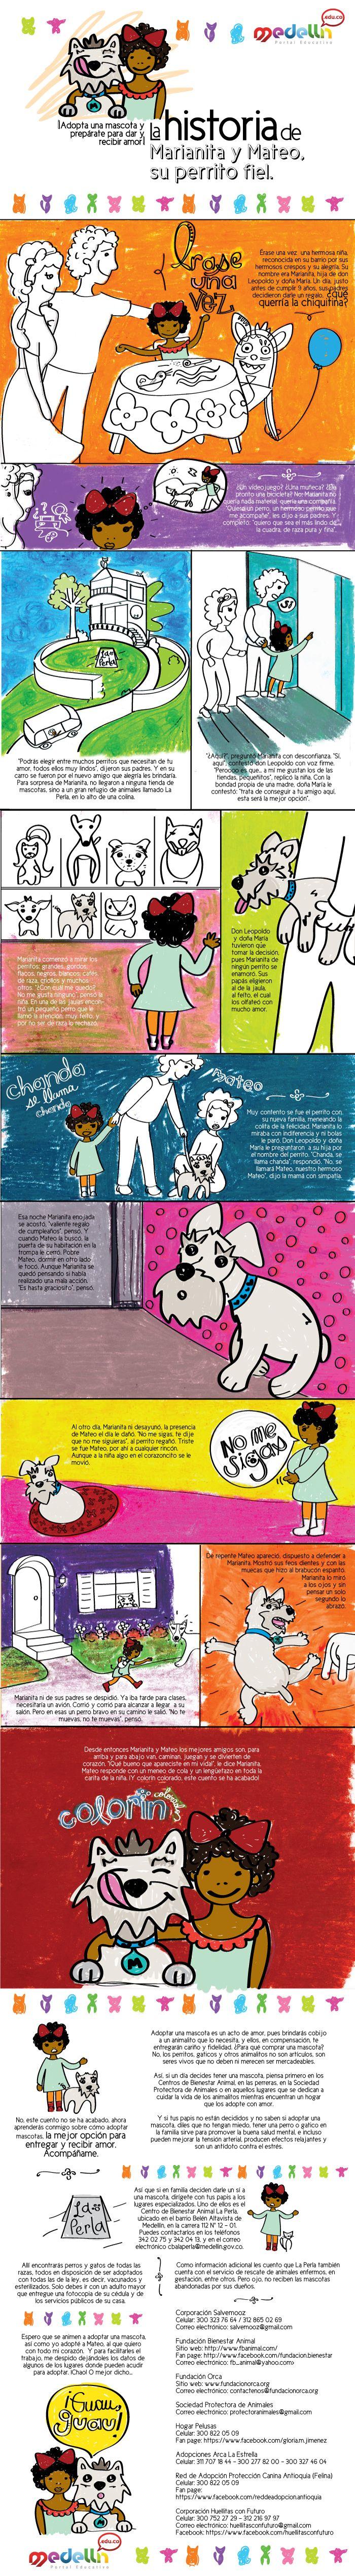 La historia de Marianita y Mateo, su perrito fiel, campaña educativa que buscaba promocionar la adopción de mascotas entre los niños y niñas de Medellín. Publicado originalmente en el Portal Educativo de Medellín.